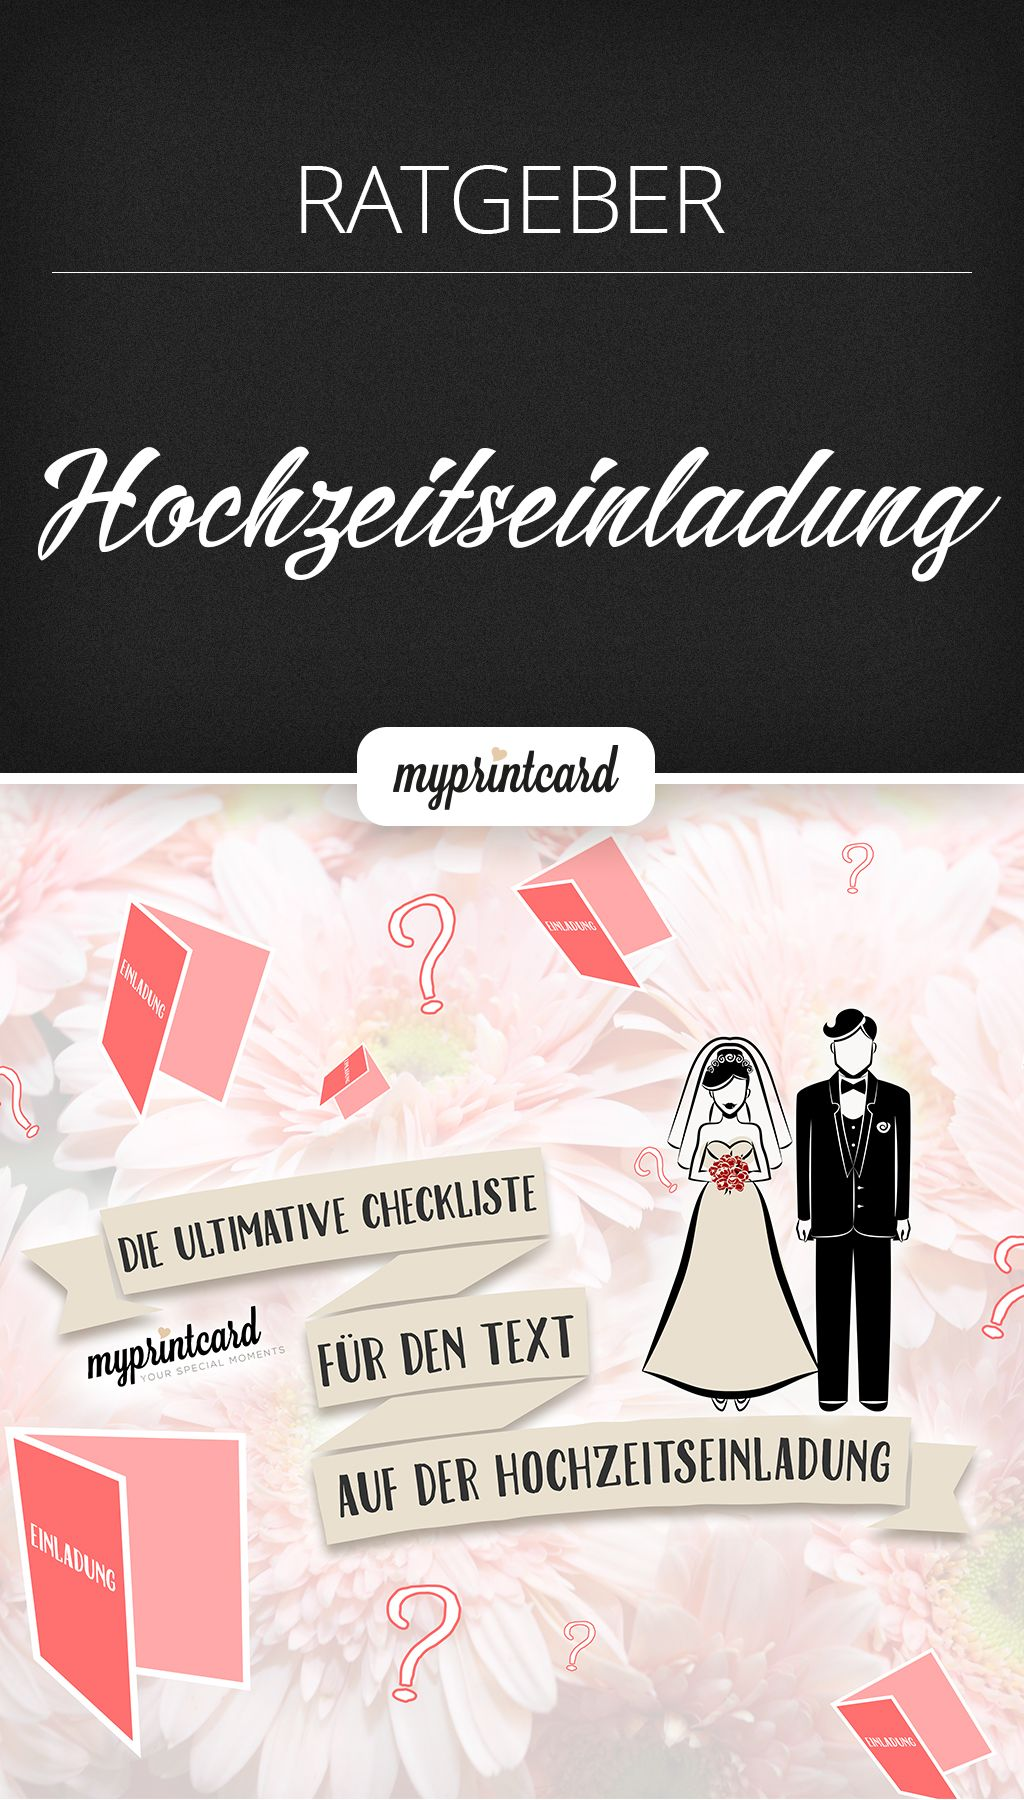 Hm... Was Gehört Denn Nur Rein In Den Text Auf Der Hochzeitseinladung?